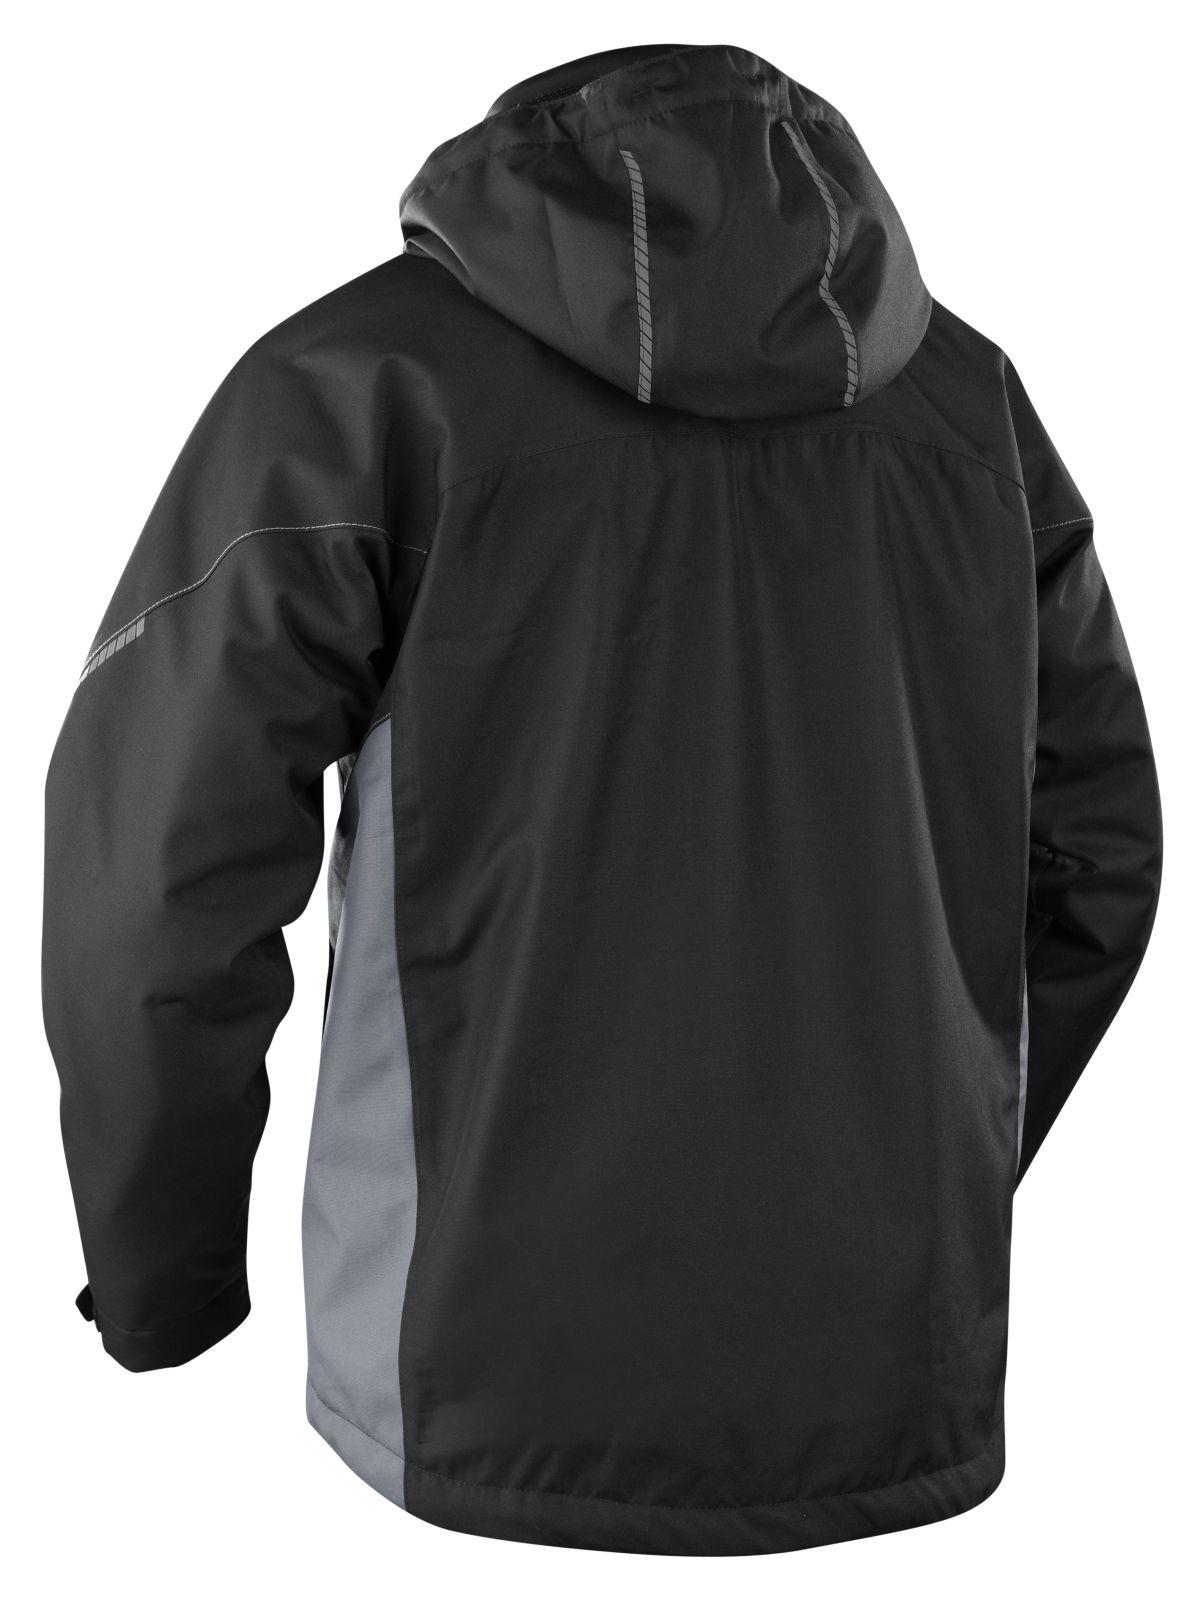 Blaklader Jassen 48901977 zwart-grijs(9994)